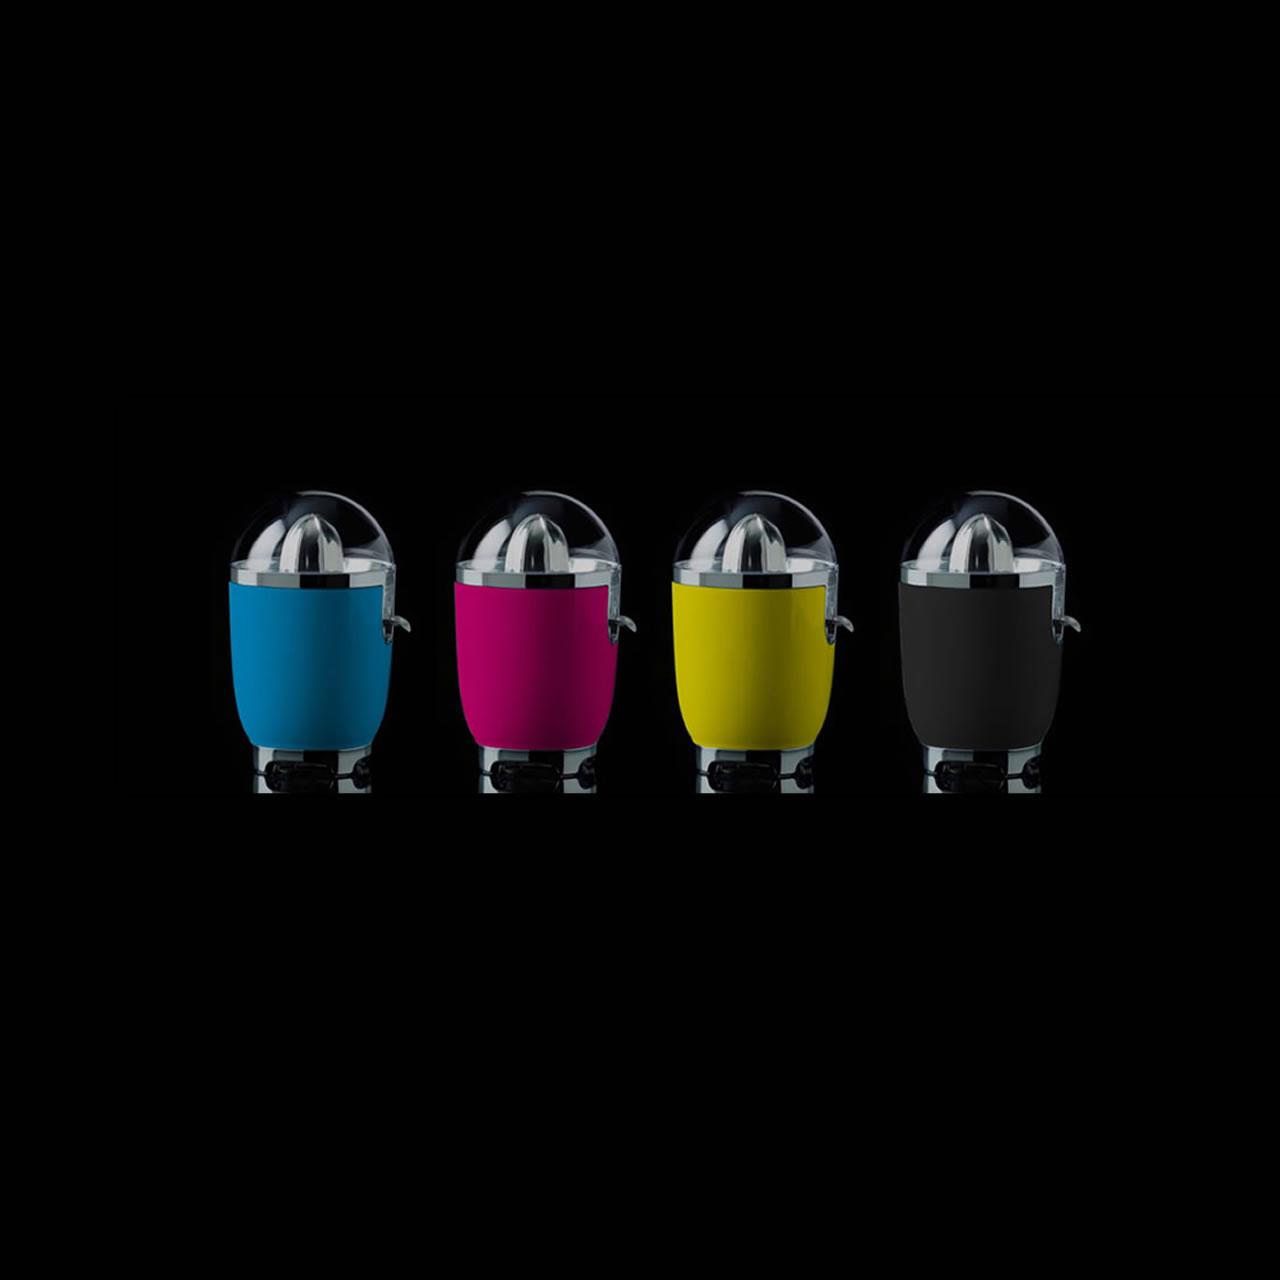 Alstublieft, onze nieuwe 4-kleuren drukpers!